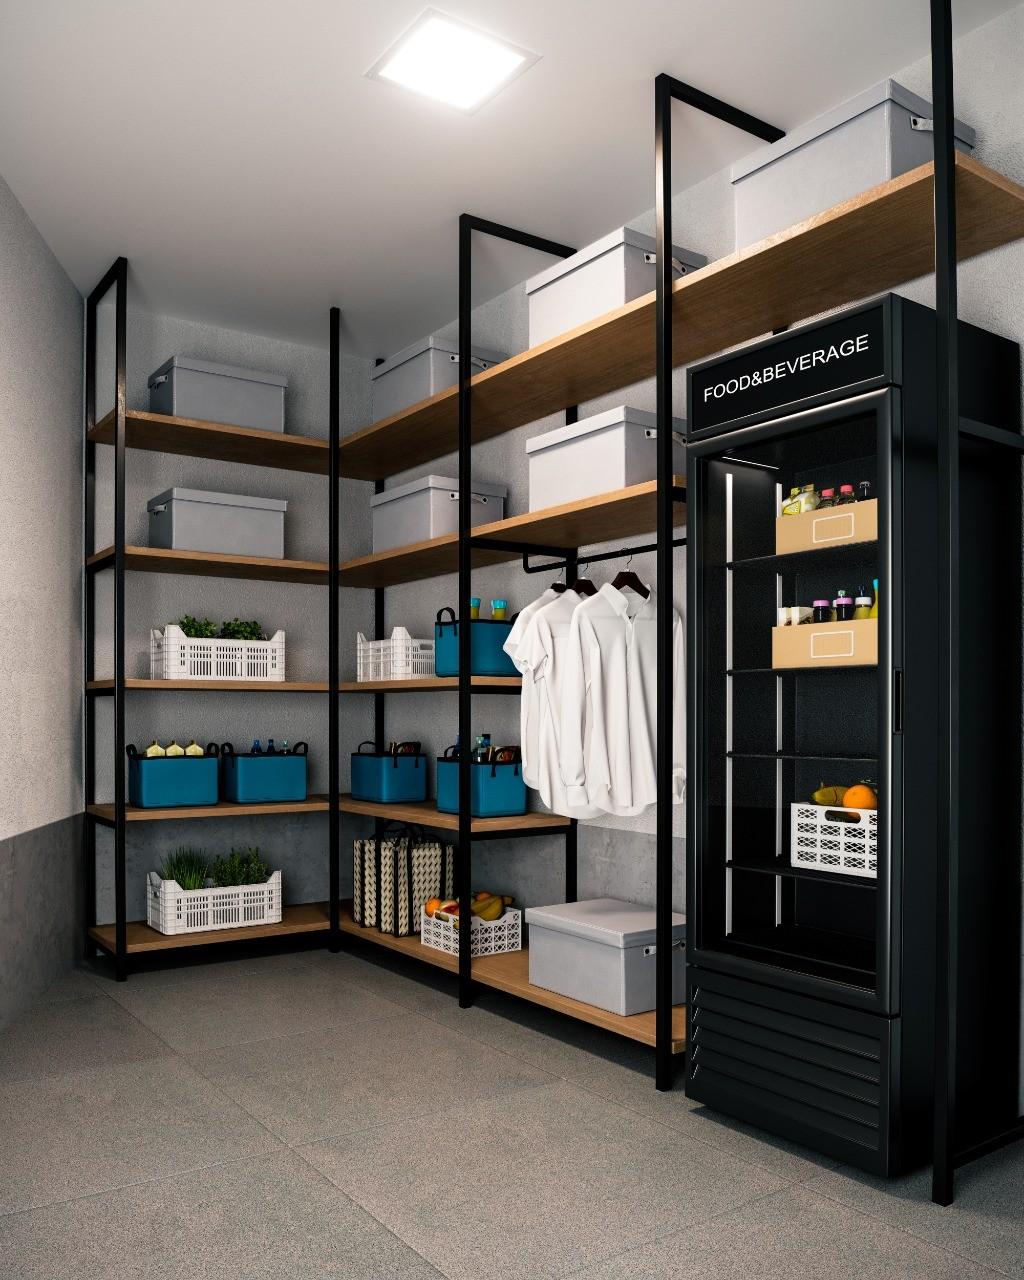 Com crescimento do delivery, construtoras apostam em empreendimentos com espaços exclusivos para as entregas